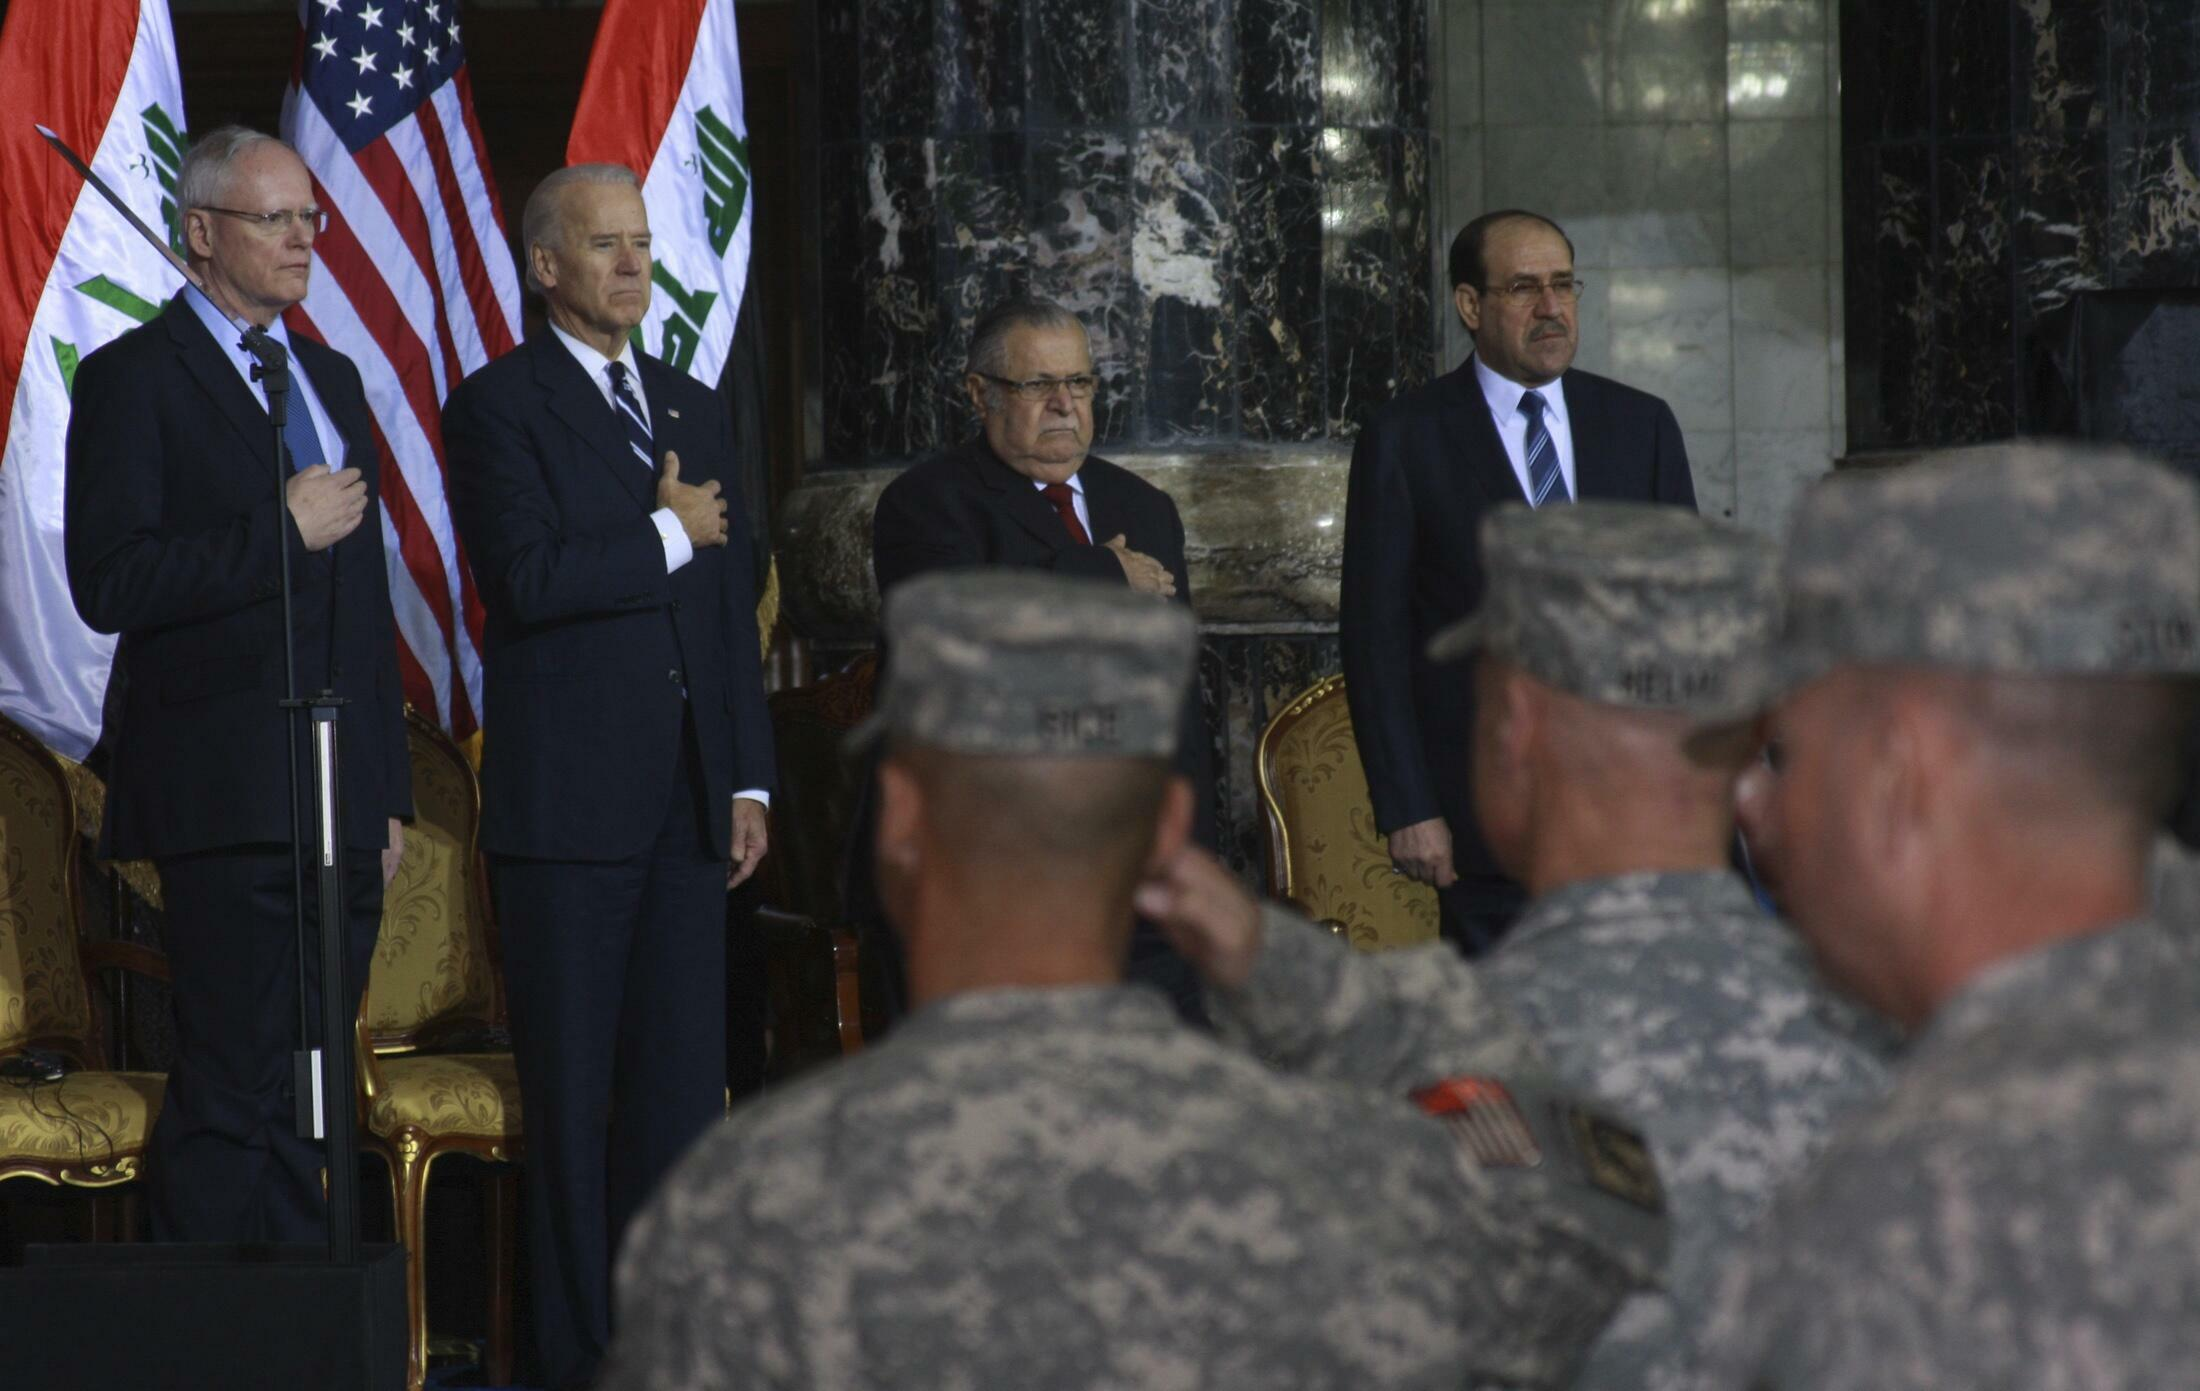 Une des cérémonies marquant le départ définitif des soldats américains d'Irak. Bagdad, le 1er décembre 2011.